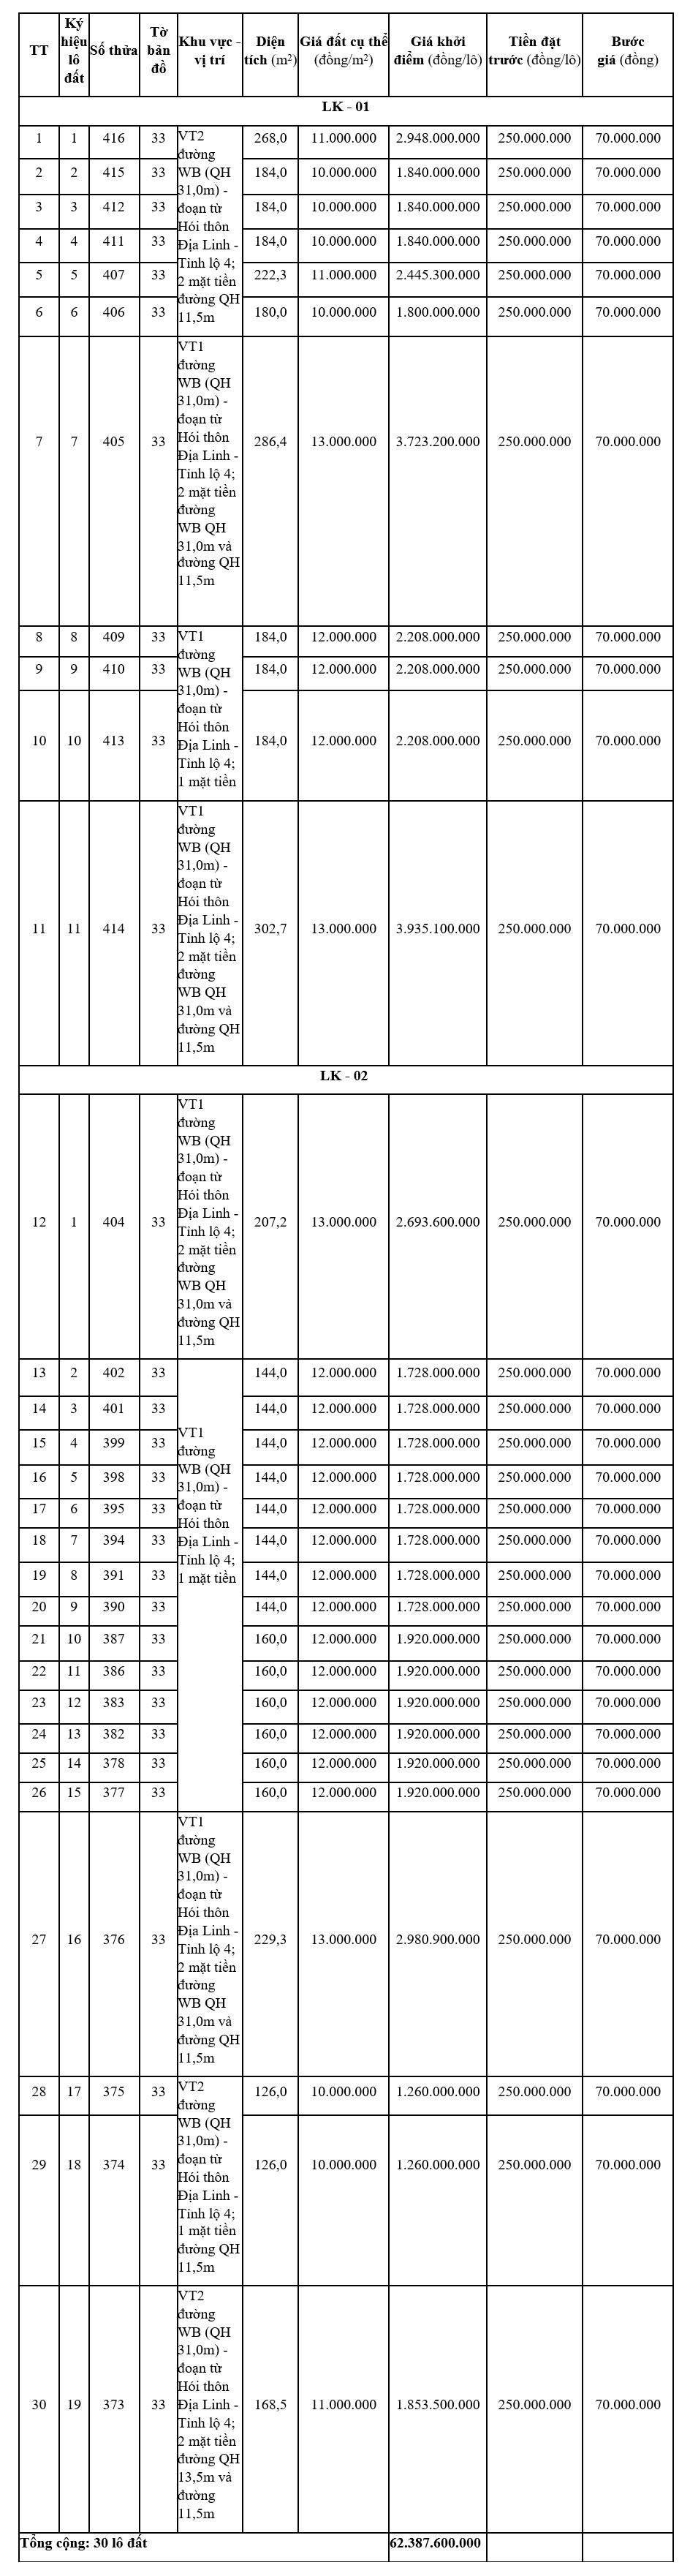 Đấu giá 30 lô đất tại Hương Trà, Thừa Thiên Huế, khởi điểm từ 10 triệu đồng/m2 - Ảnh 1.